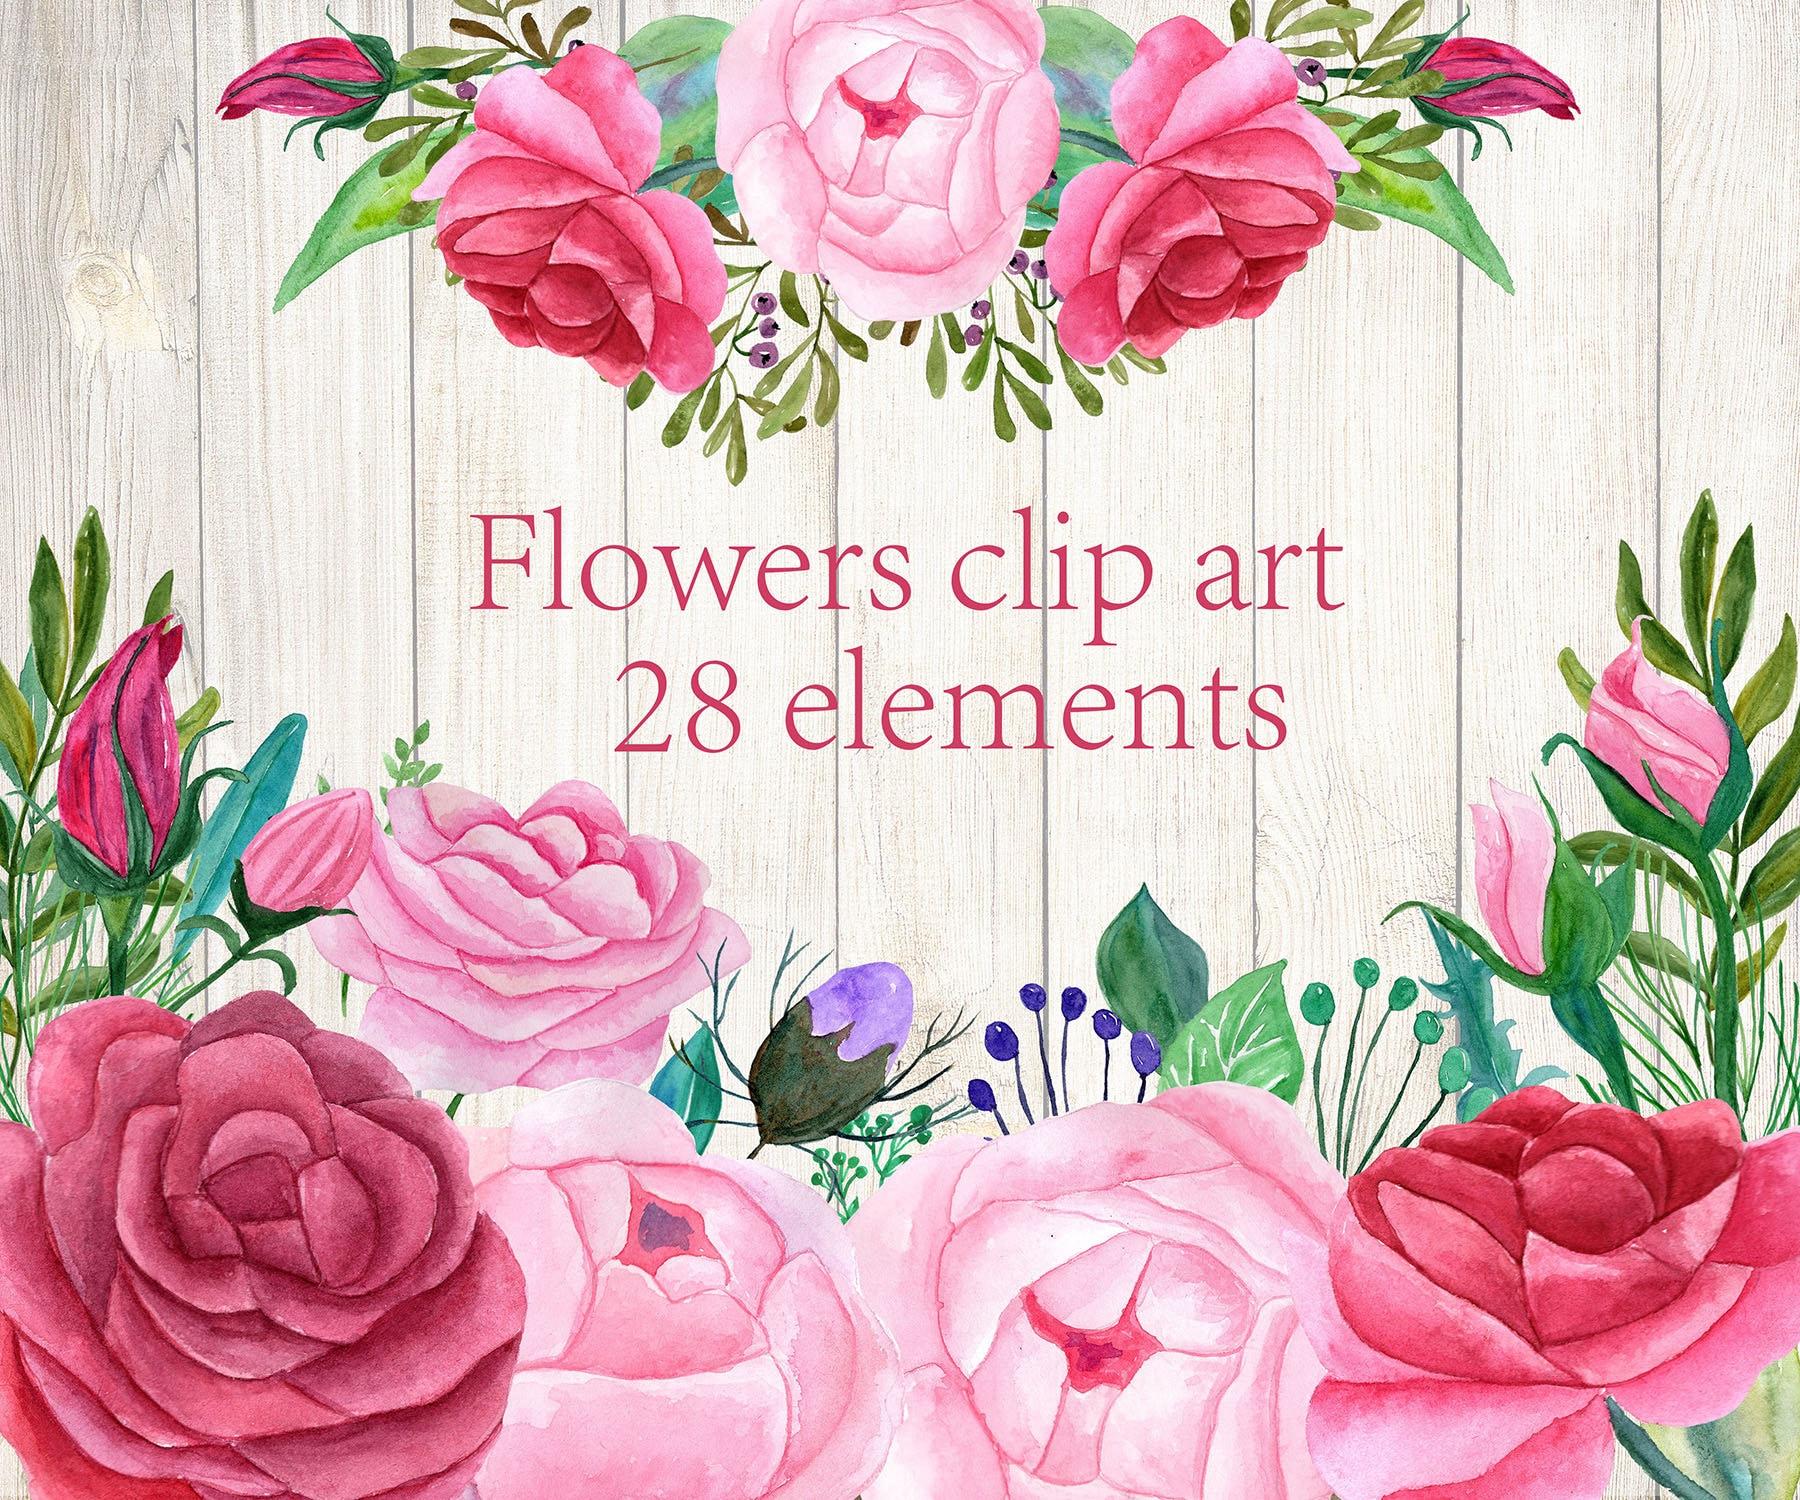 Imágenes Prediseñadas de acuarela rosas rosa flores clipart